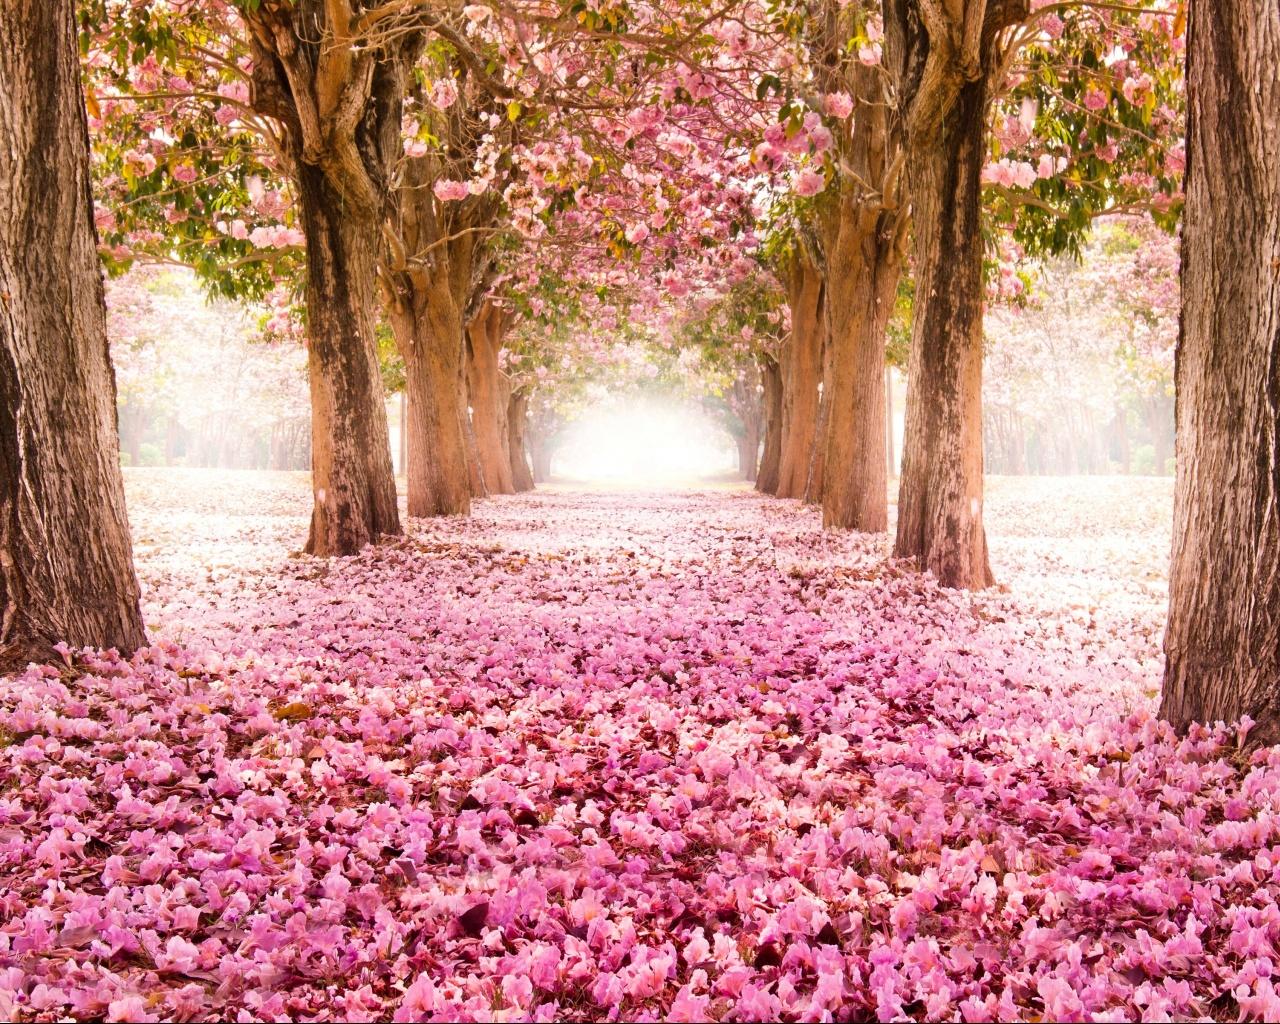 kartinki скачать красивые картинки и обои  - картинки красивые скачать бесплатно без регистрации